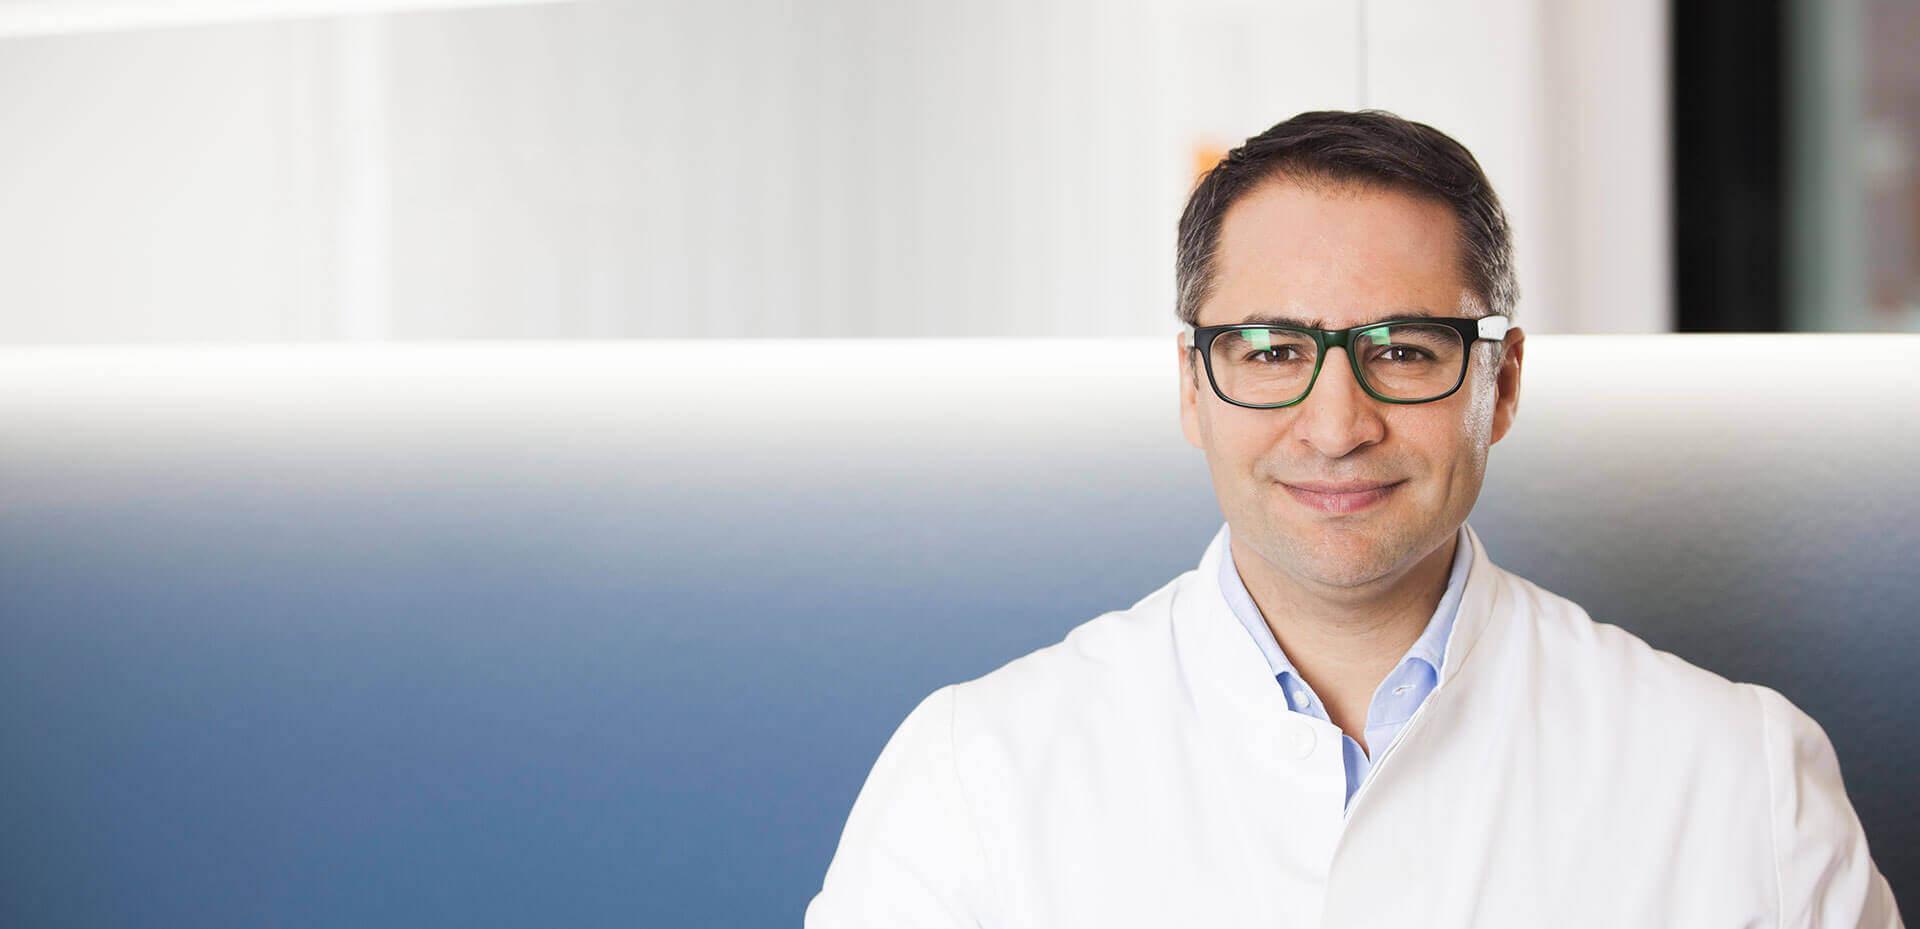 Schönheitschirurg in Düsseldorf